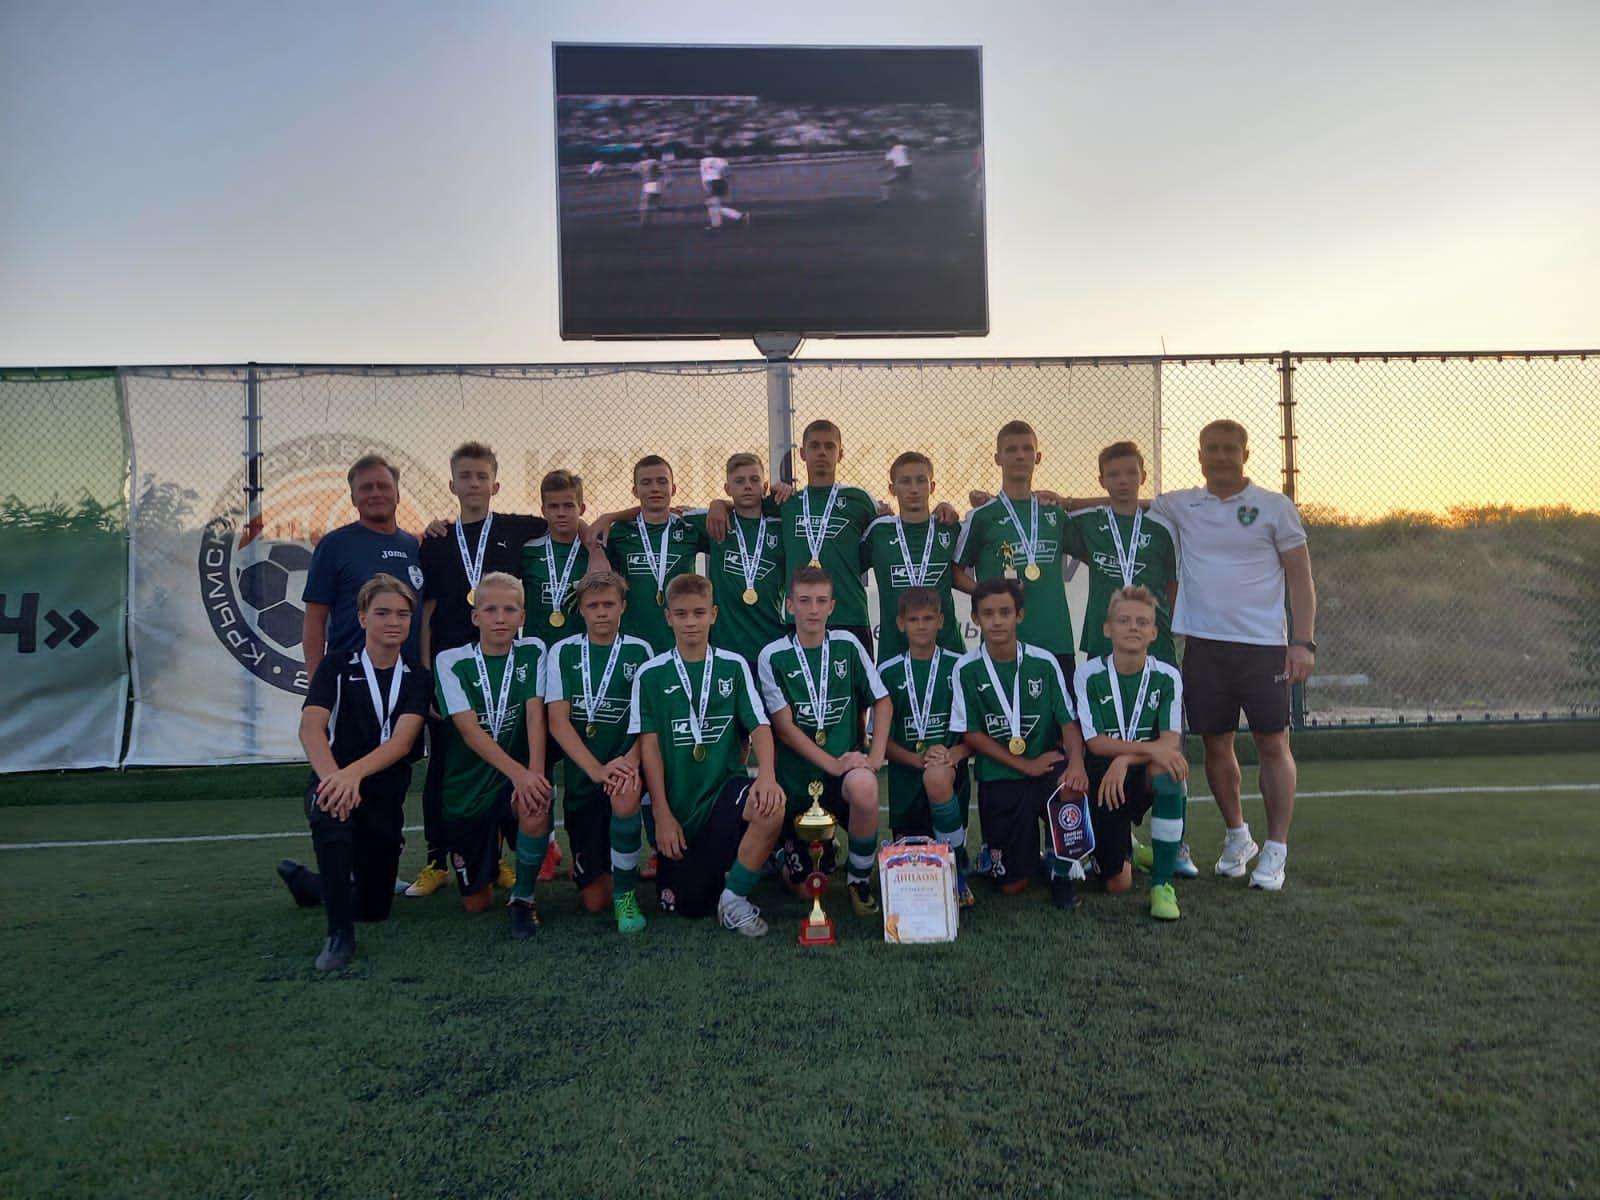 Команда «СШ №3» Зеленодольск выступит в суперфинале «Кожаного мяча»